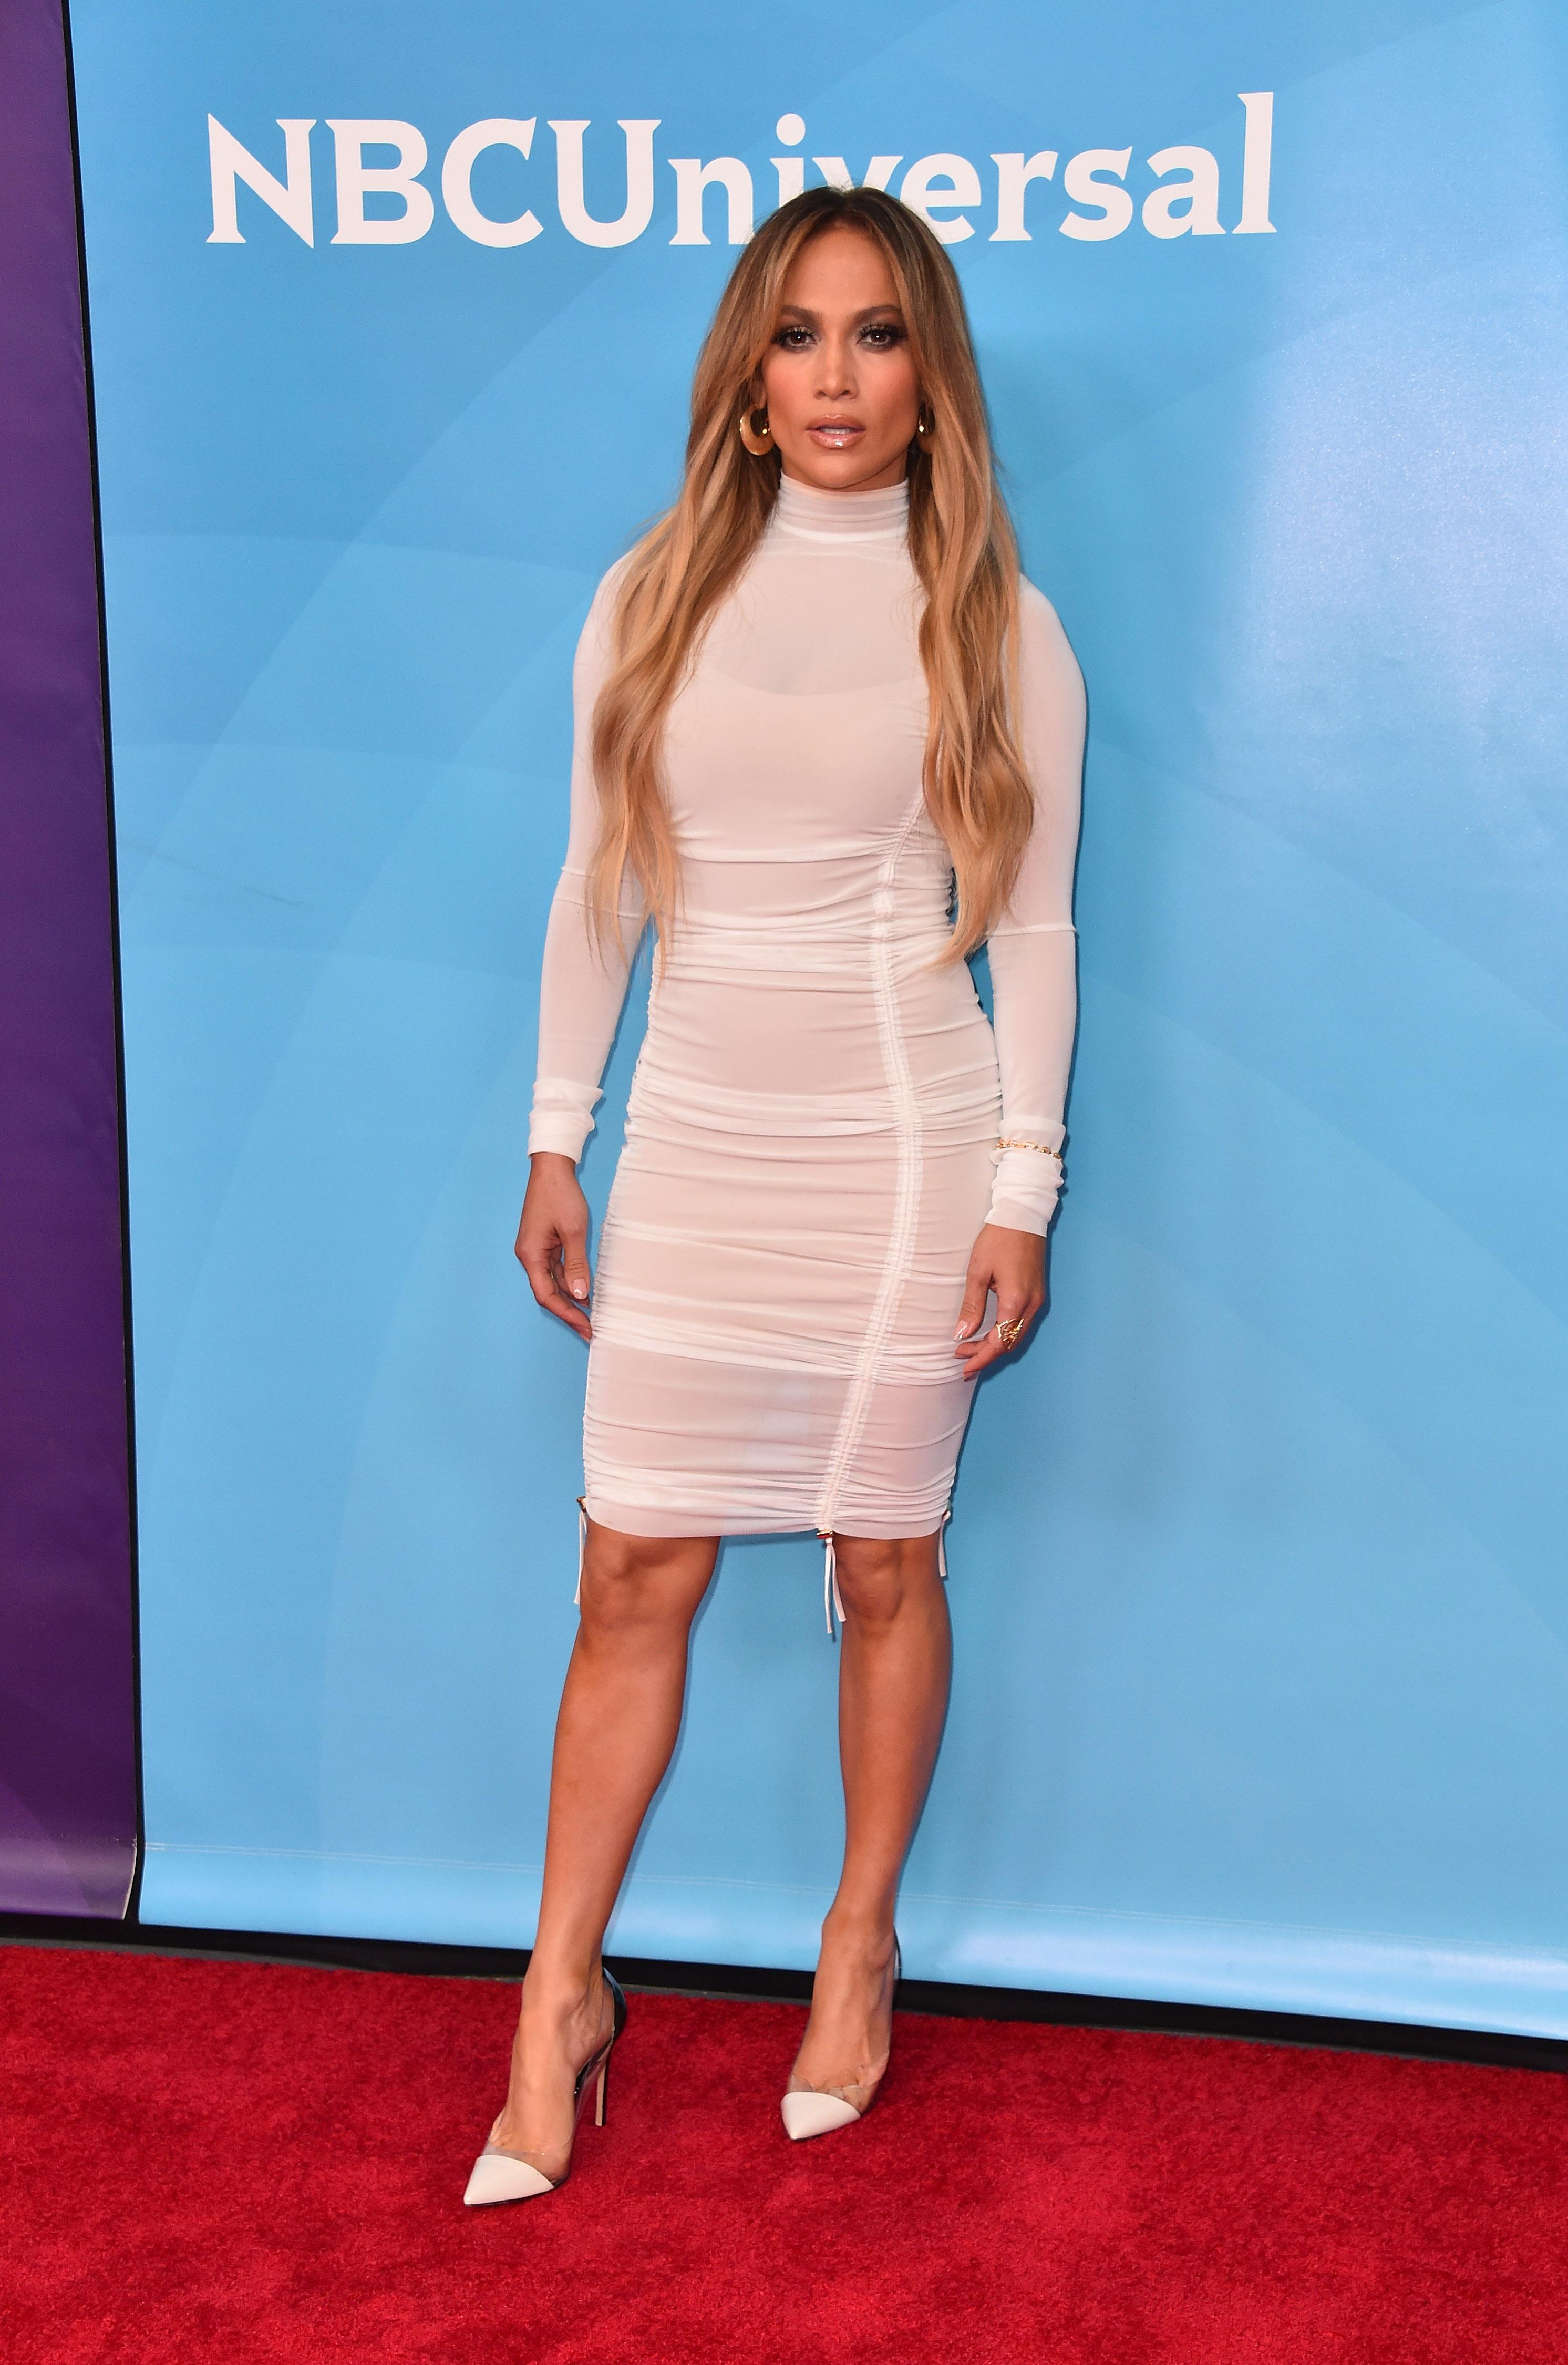 Jennifer Lopez, Jlo, look, estilo, style, world of dance